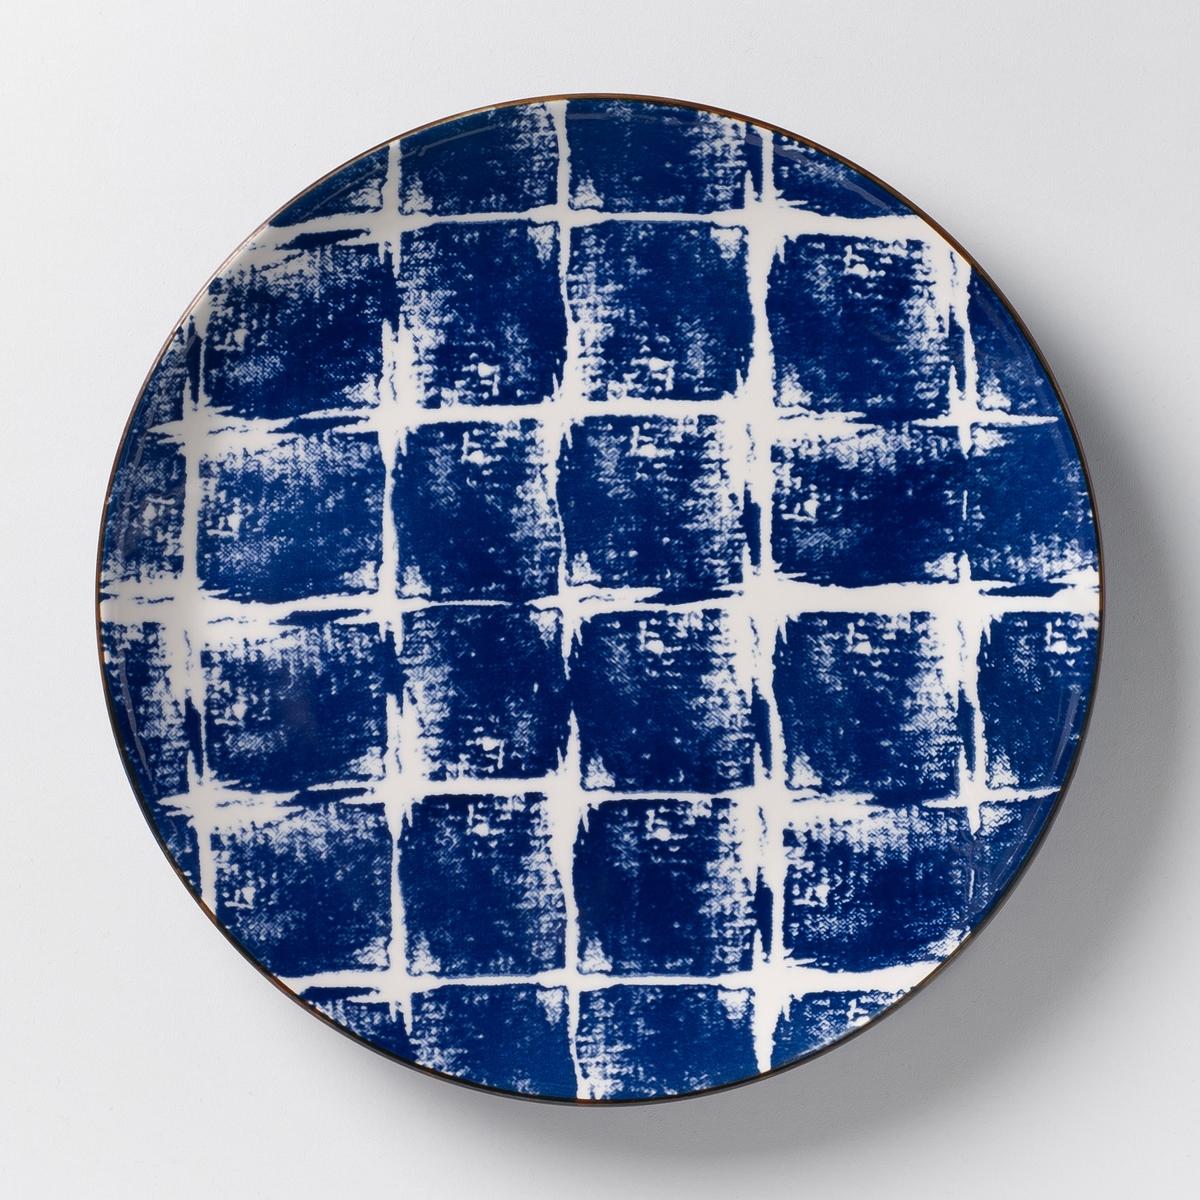 Комплект из 4 мелких тарелок из керамики Malado<br><br>Цвет: горчичный,индиго<br>Размер: единый размер.единый размер